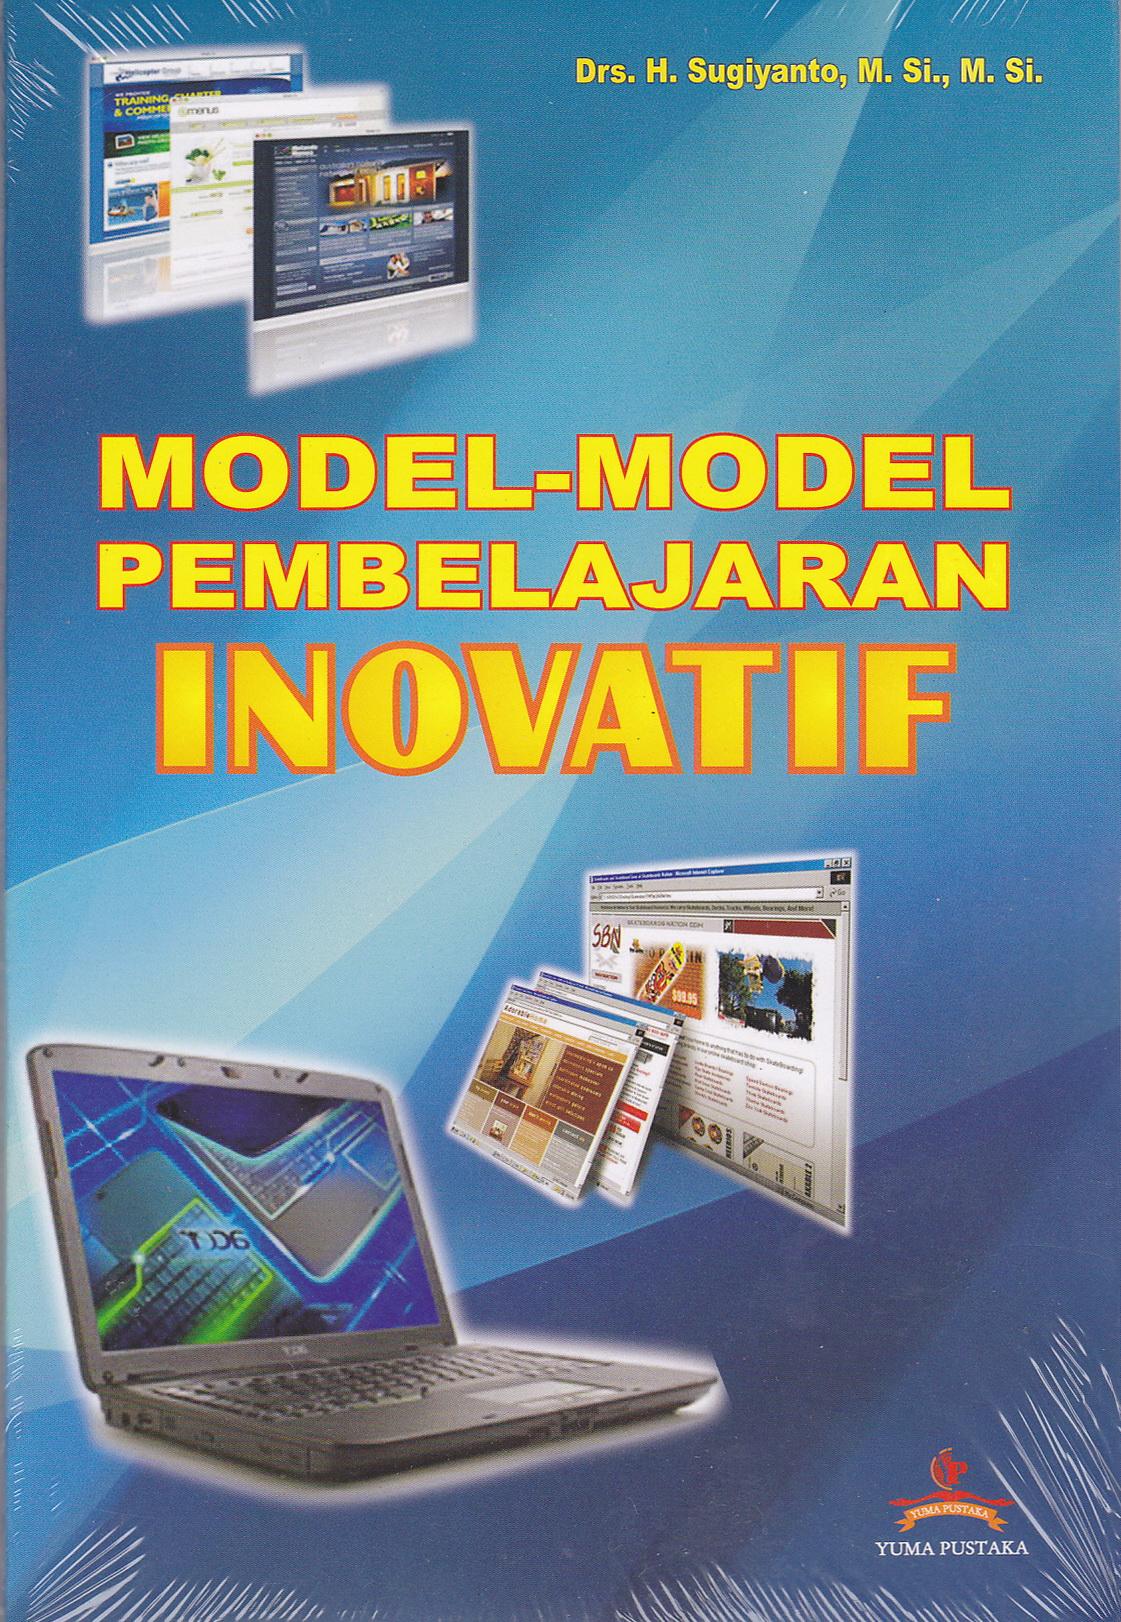 MODEL-MODEL PEMBELAJARAN INOVATIF | - Toko Buku Online ...